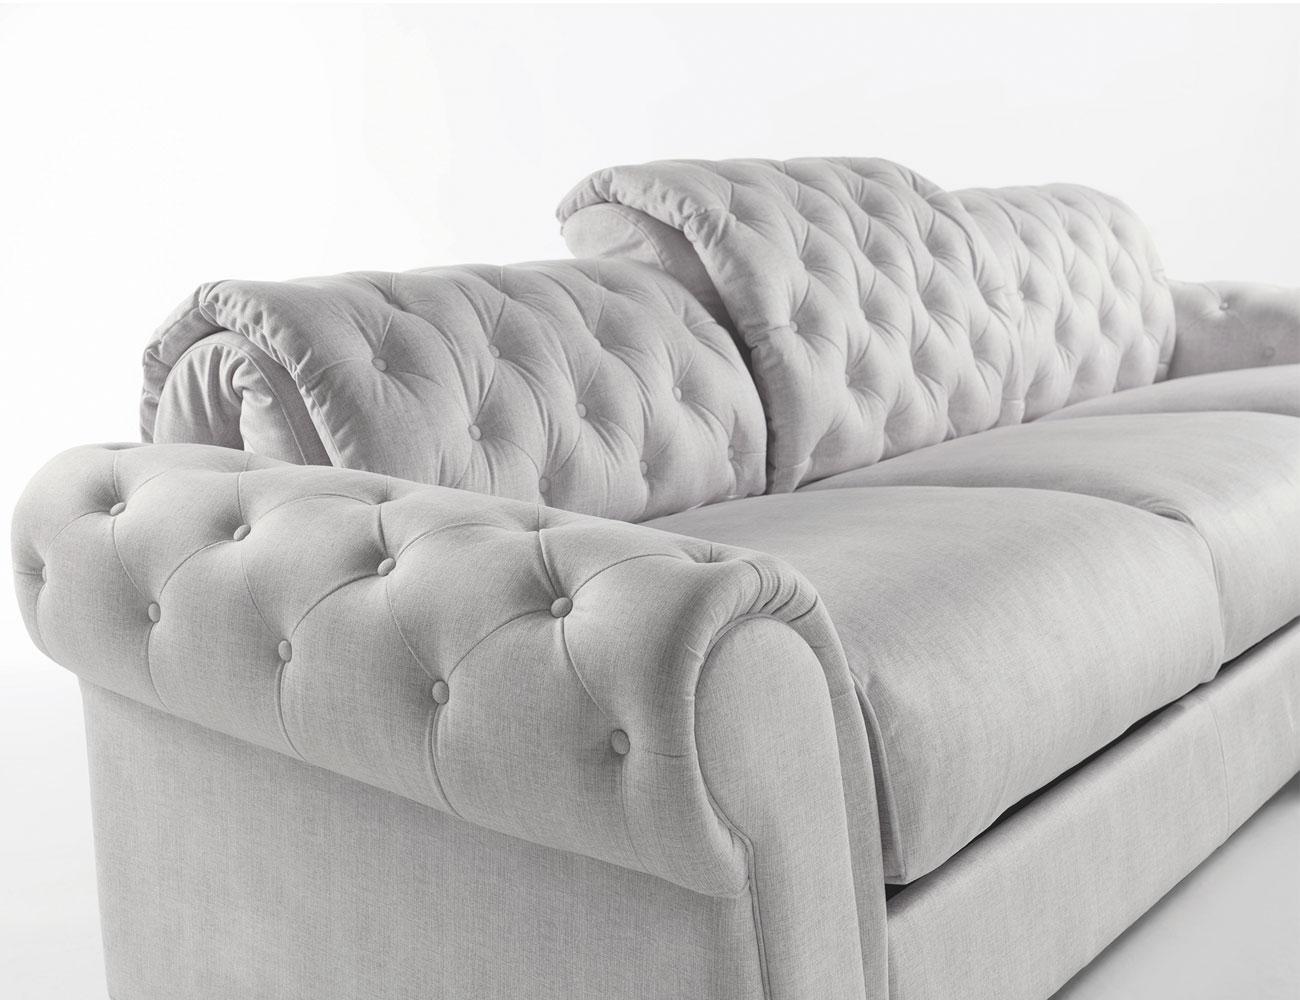 Sofa chaiselongue gran lujo decorativo capitone blanco tela 140